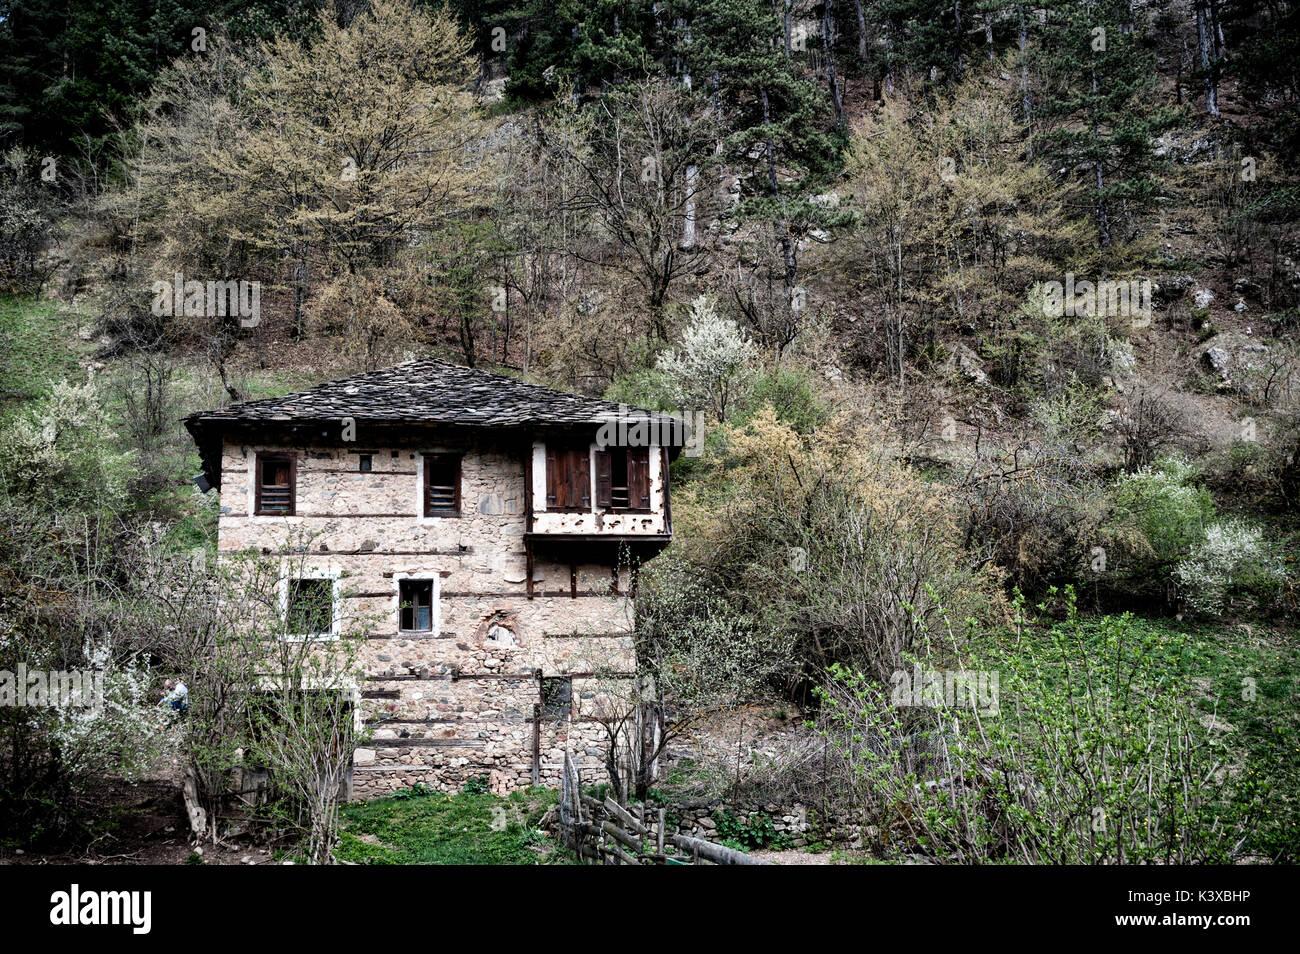 Case Di Montagna In Pietra : Casa di pietra sopra la montagna della tavola fotografia stock